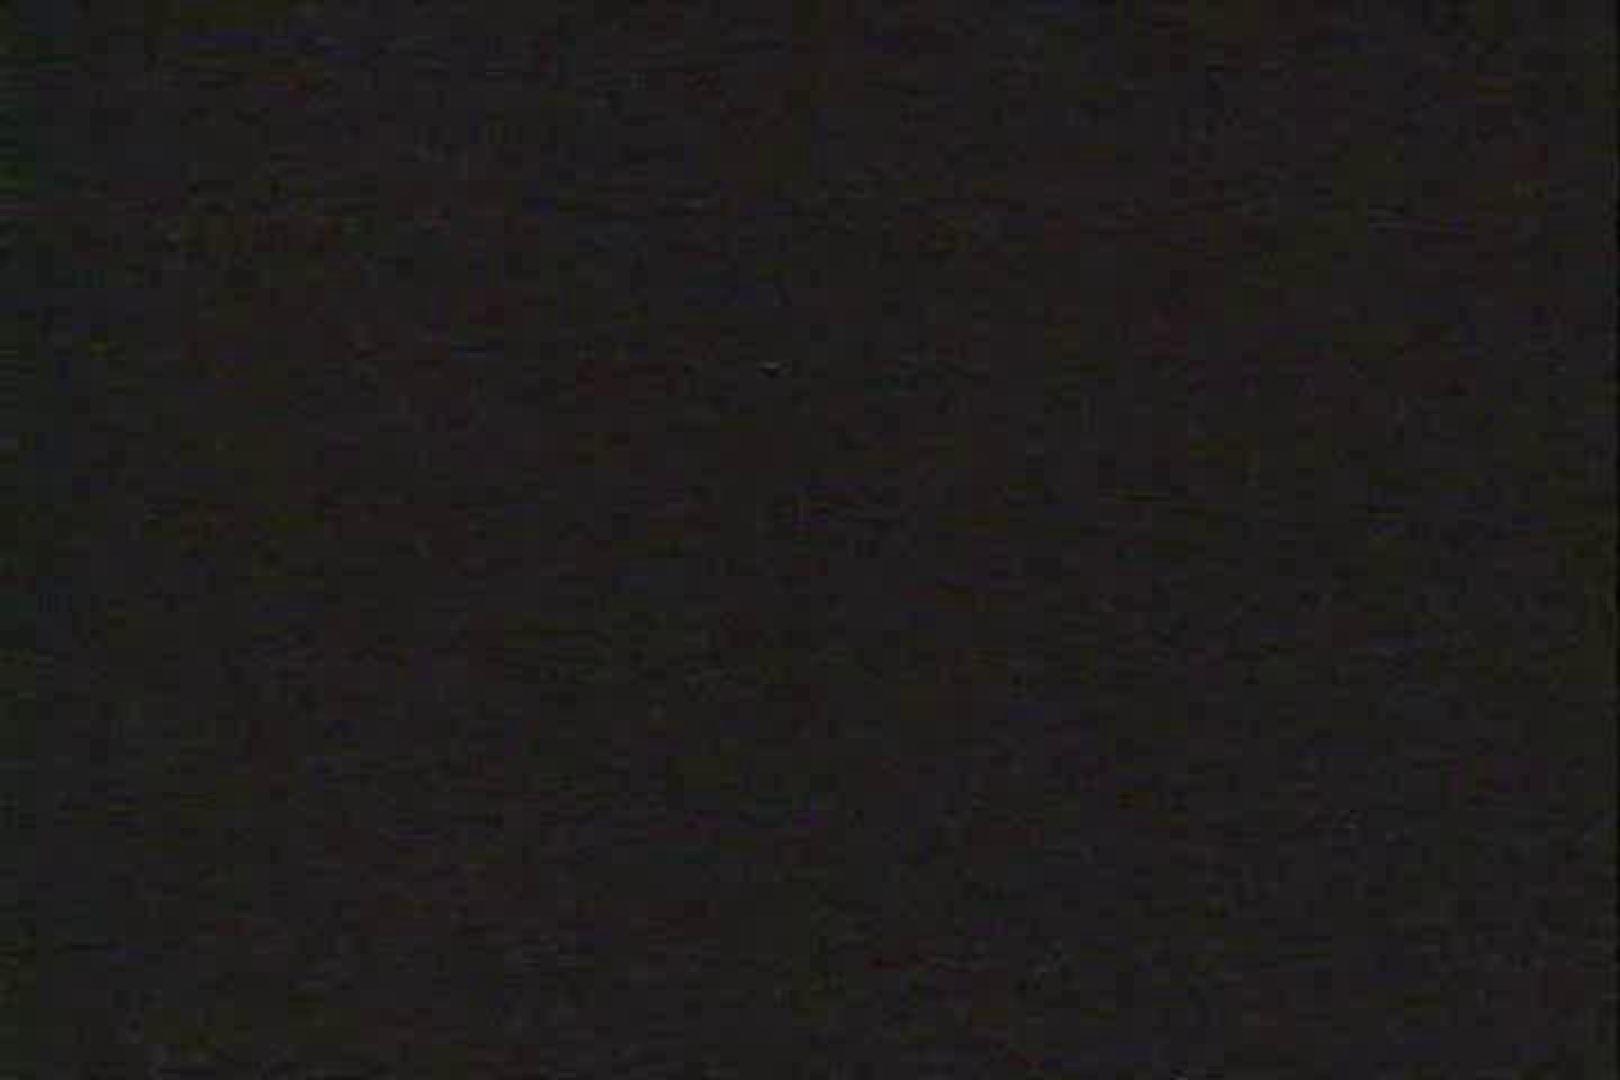 「ちくりん」さんのオリジナル未編集パンチラVol.1_01 OL  102枚 30